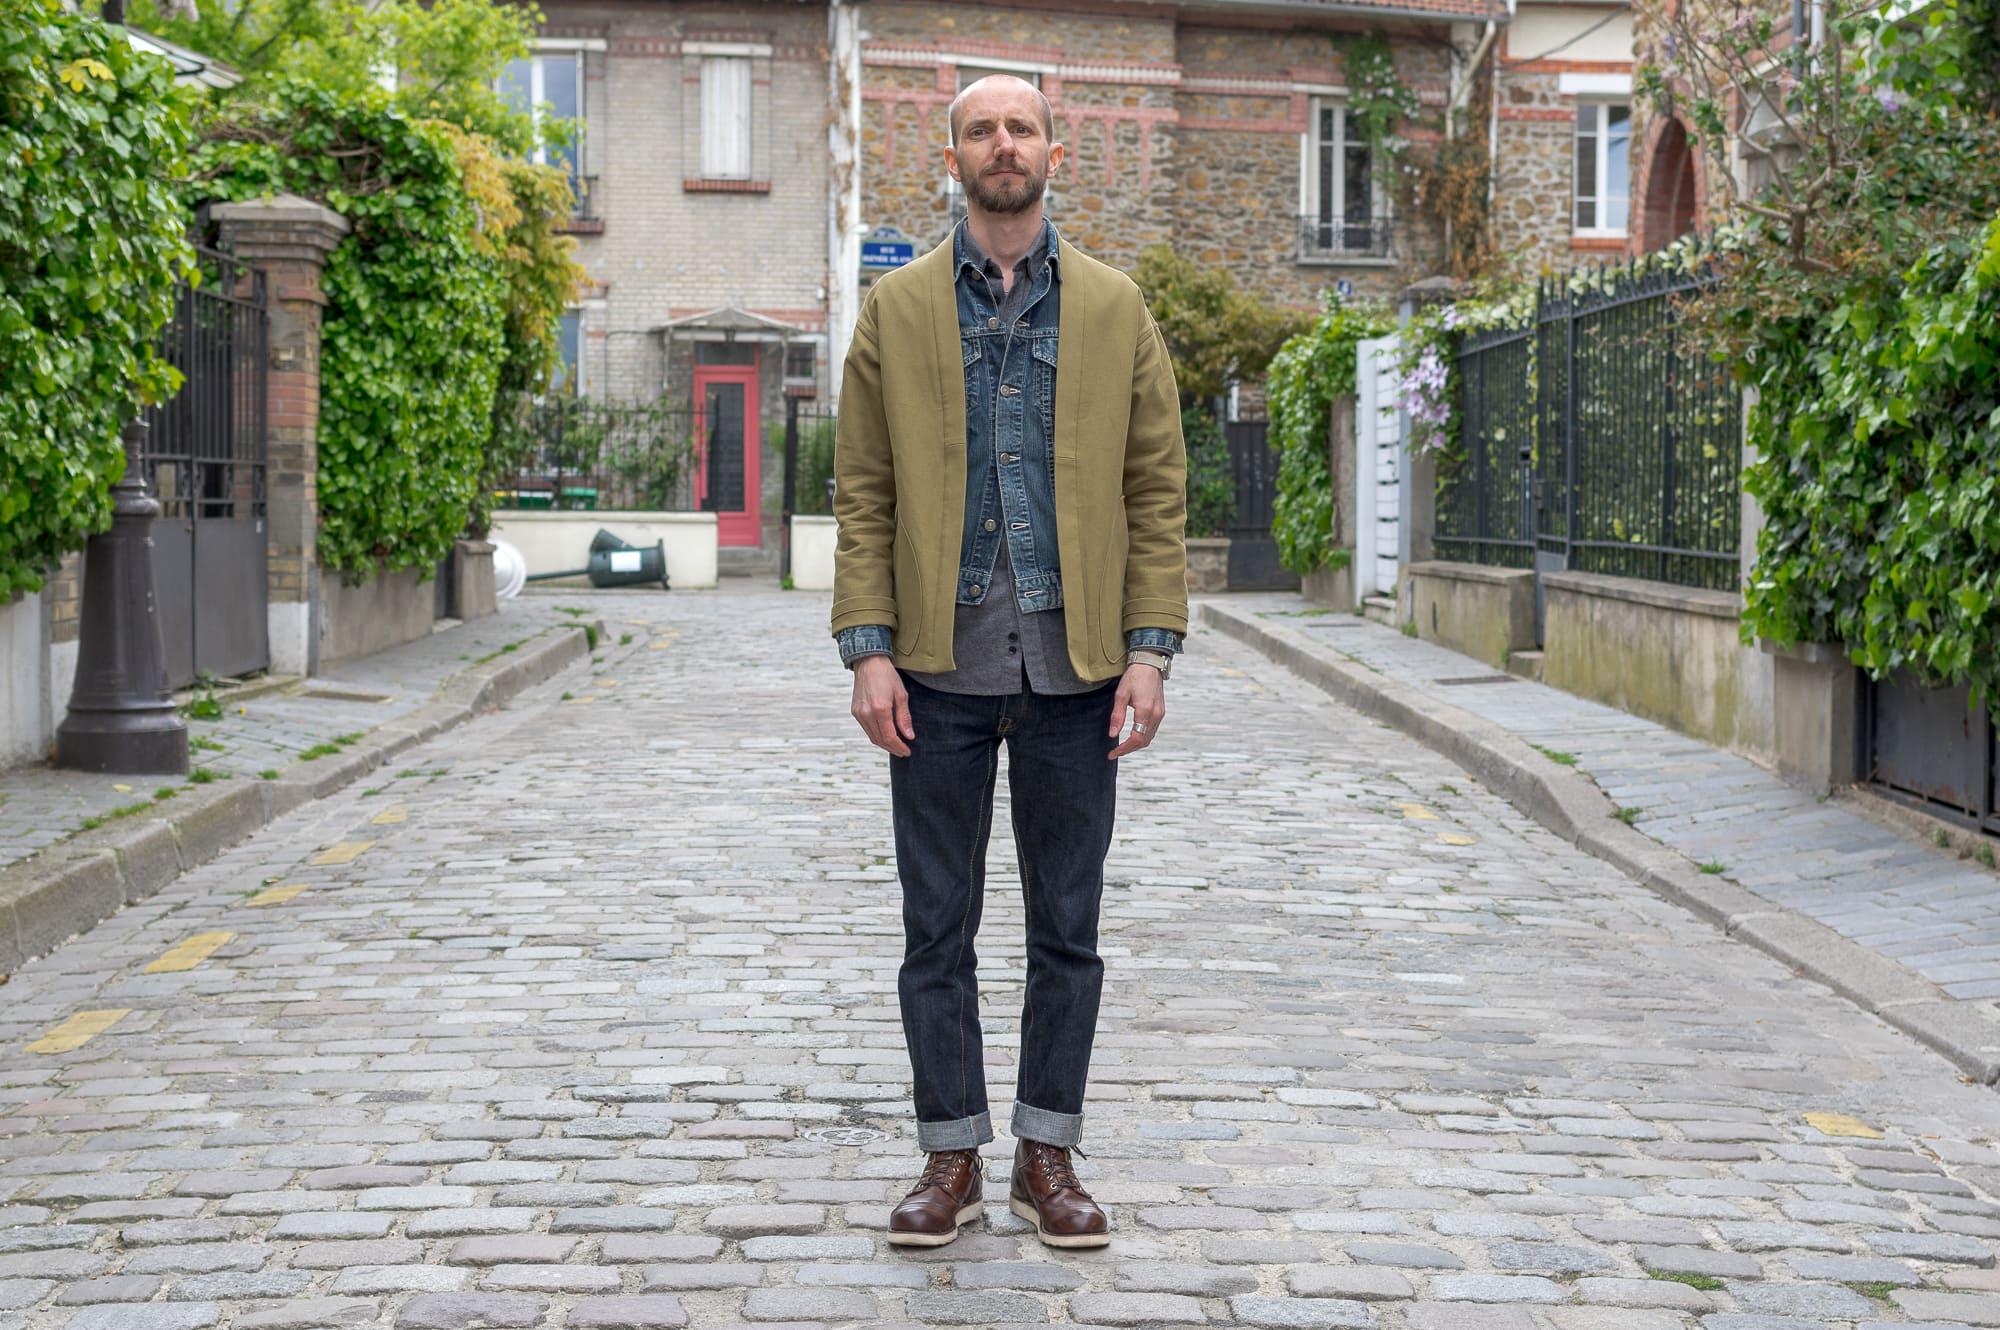 style workwear homme et noragi jacket - comment porter un kimono dans un look homme